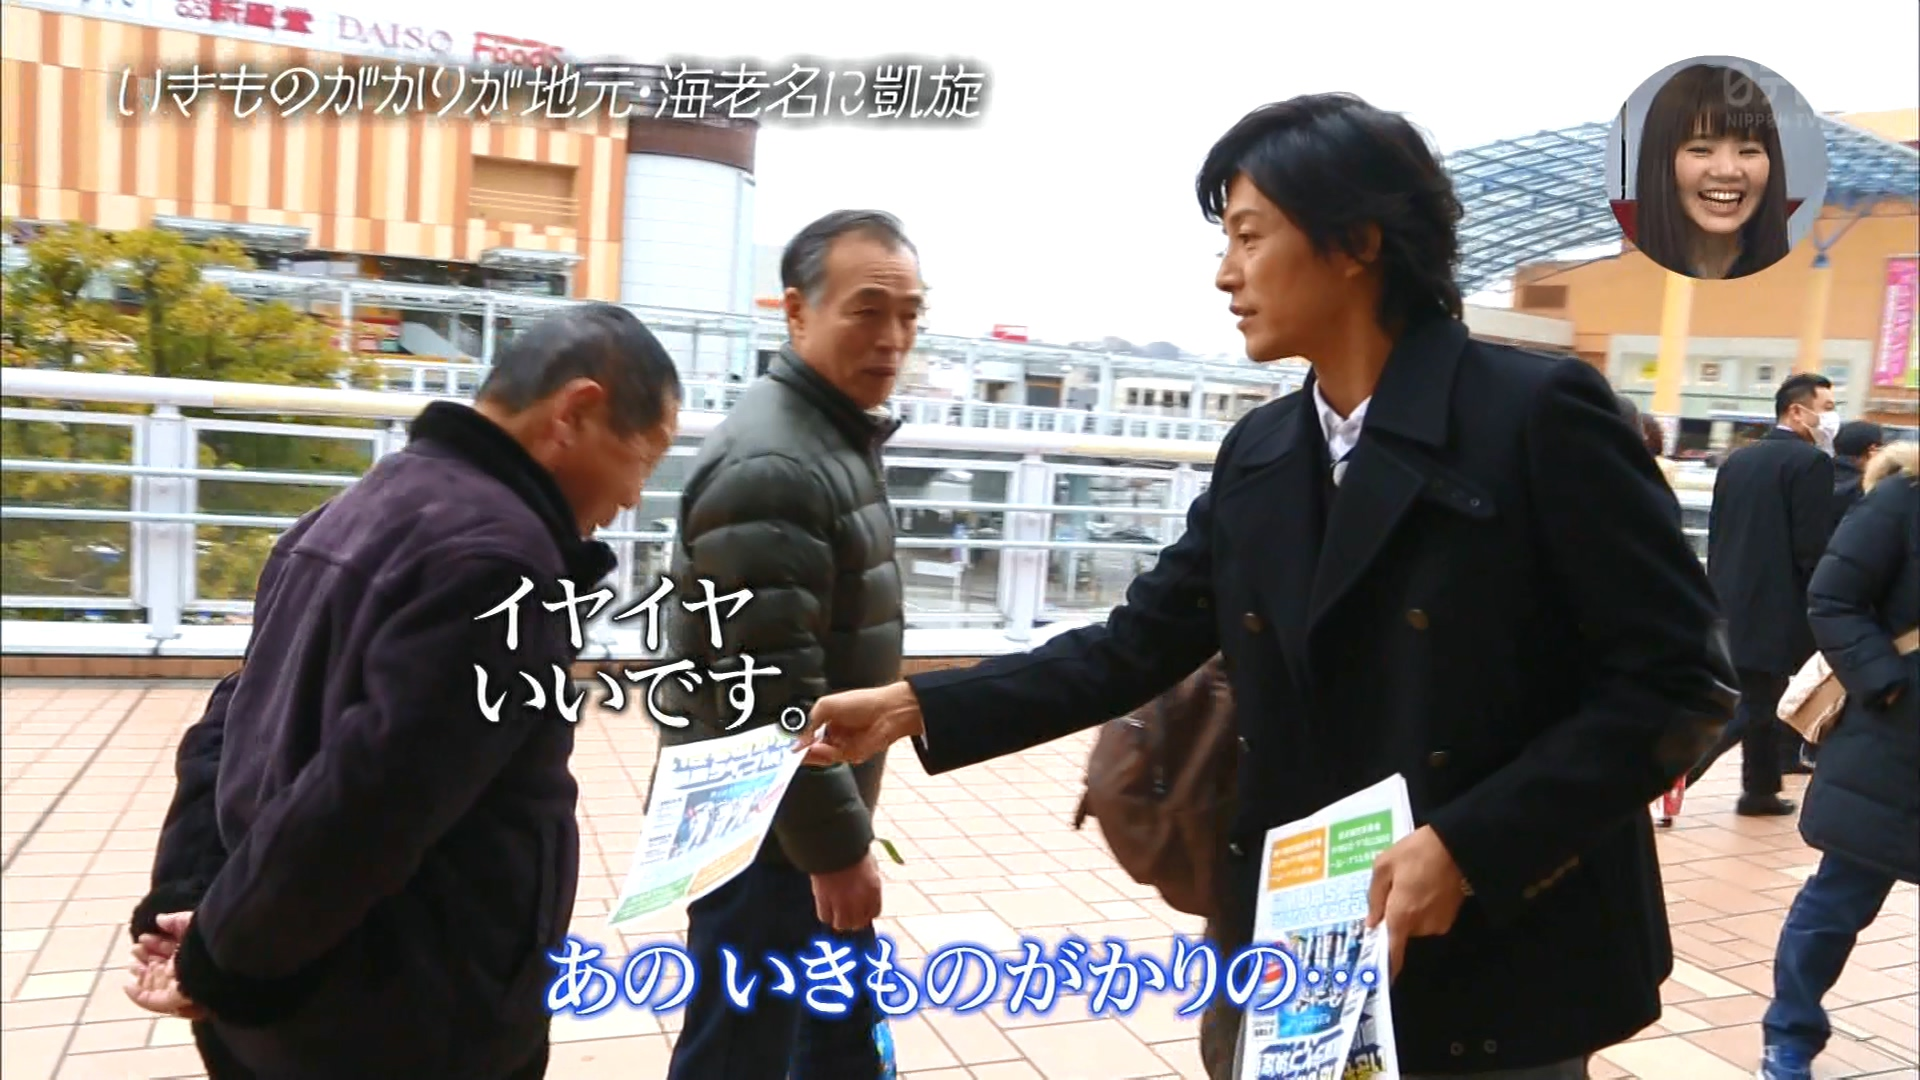 2016.03.13 全場(おしゃれイズム).ts_20160314_010511.470